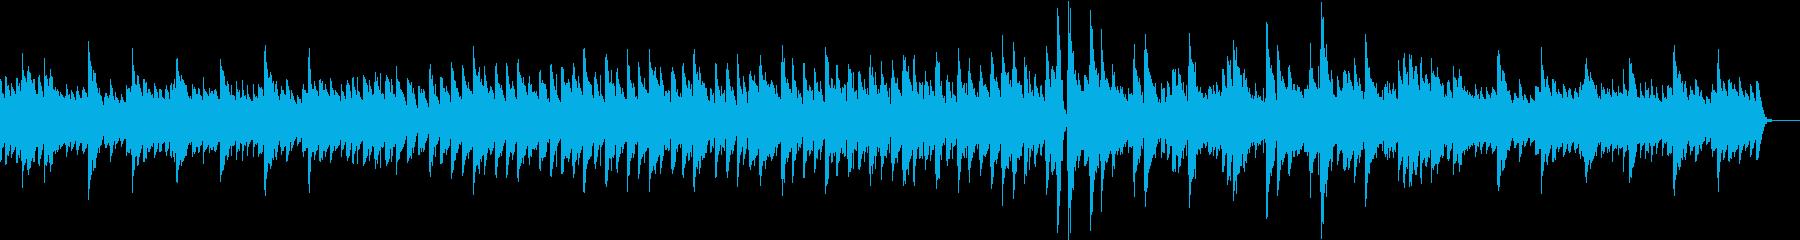 トレーニング前後のストレッチ105BPMの再生済みの波形